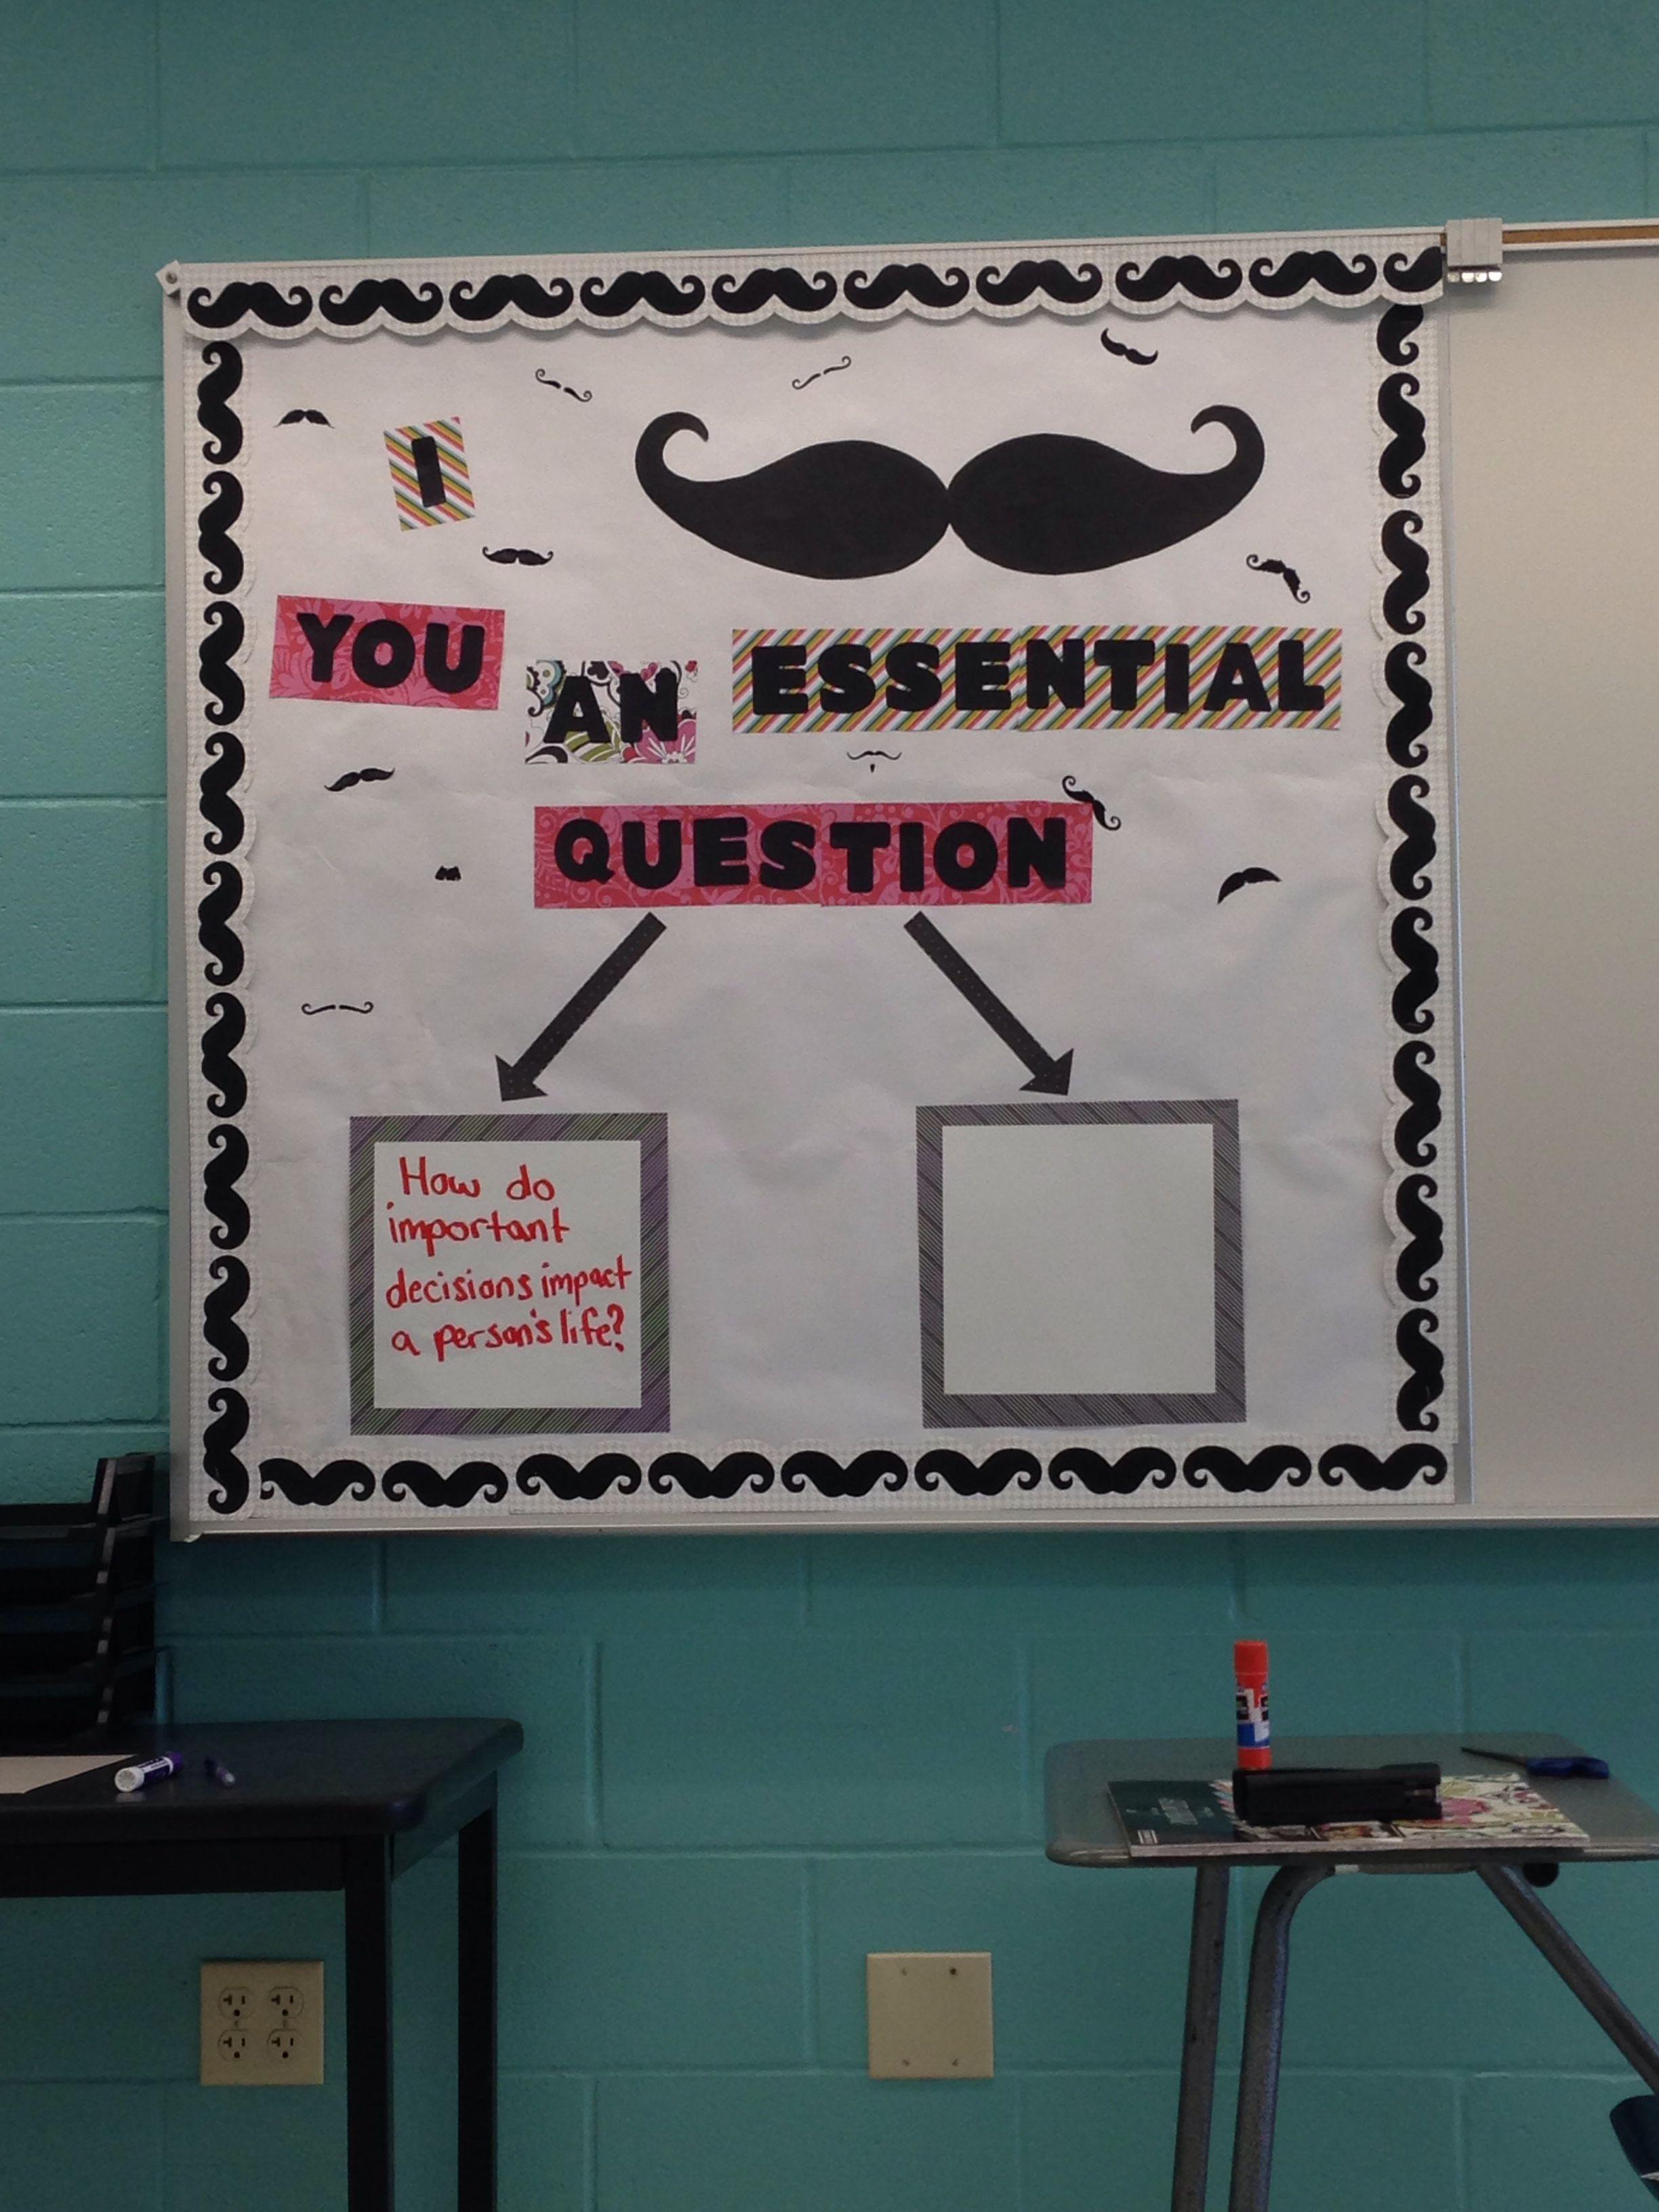 6th Grade Language Arts Classroom Decorations ~ Mustache essential question bulletin board th grade